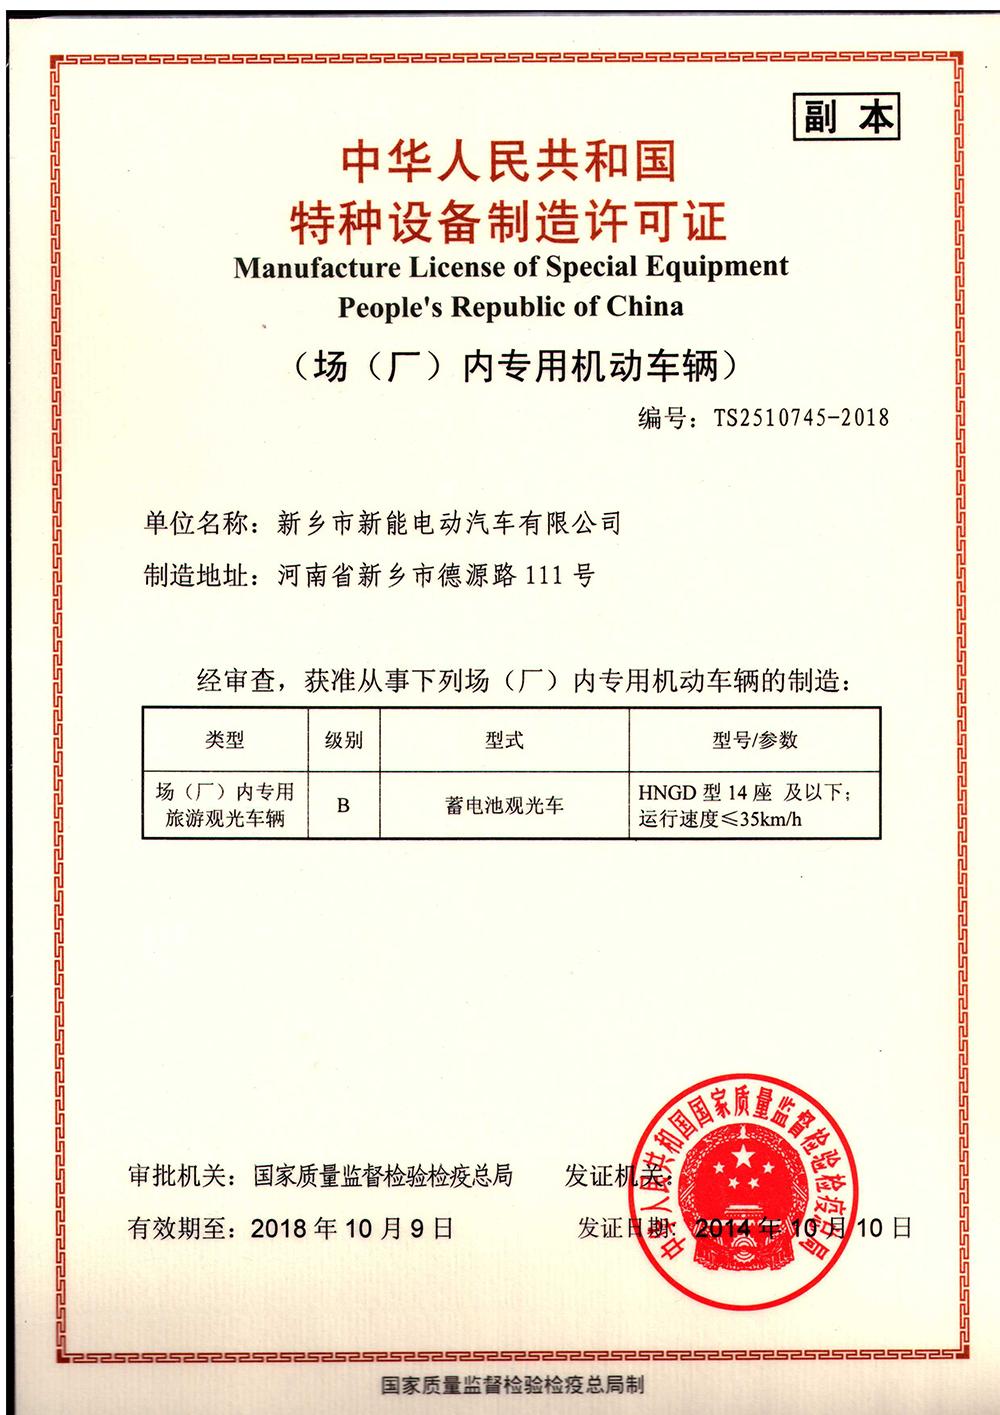 特種設備制造許可證-副本